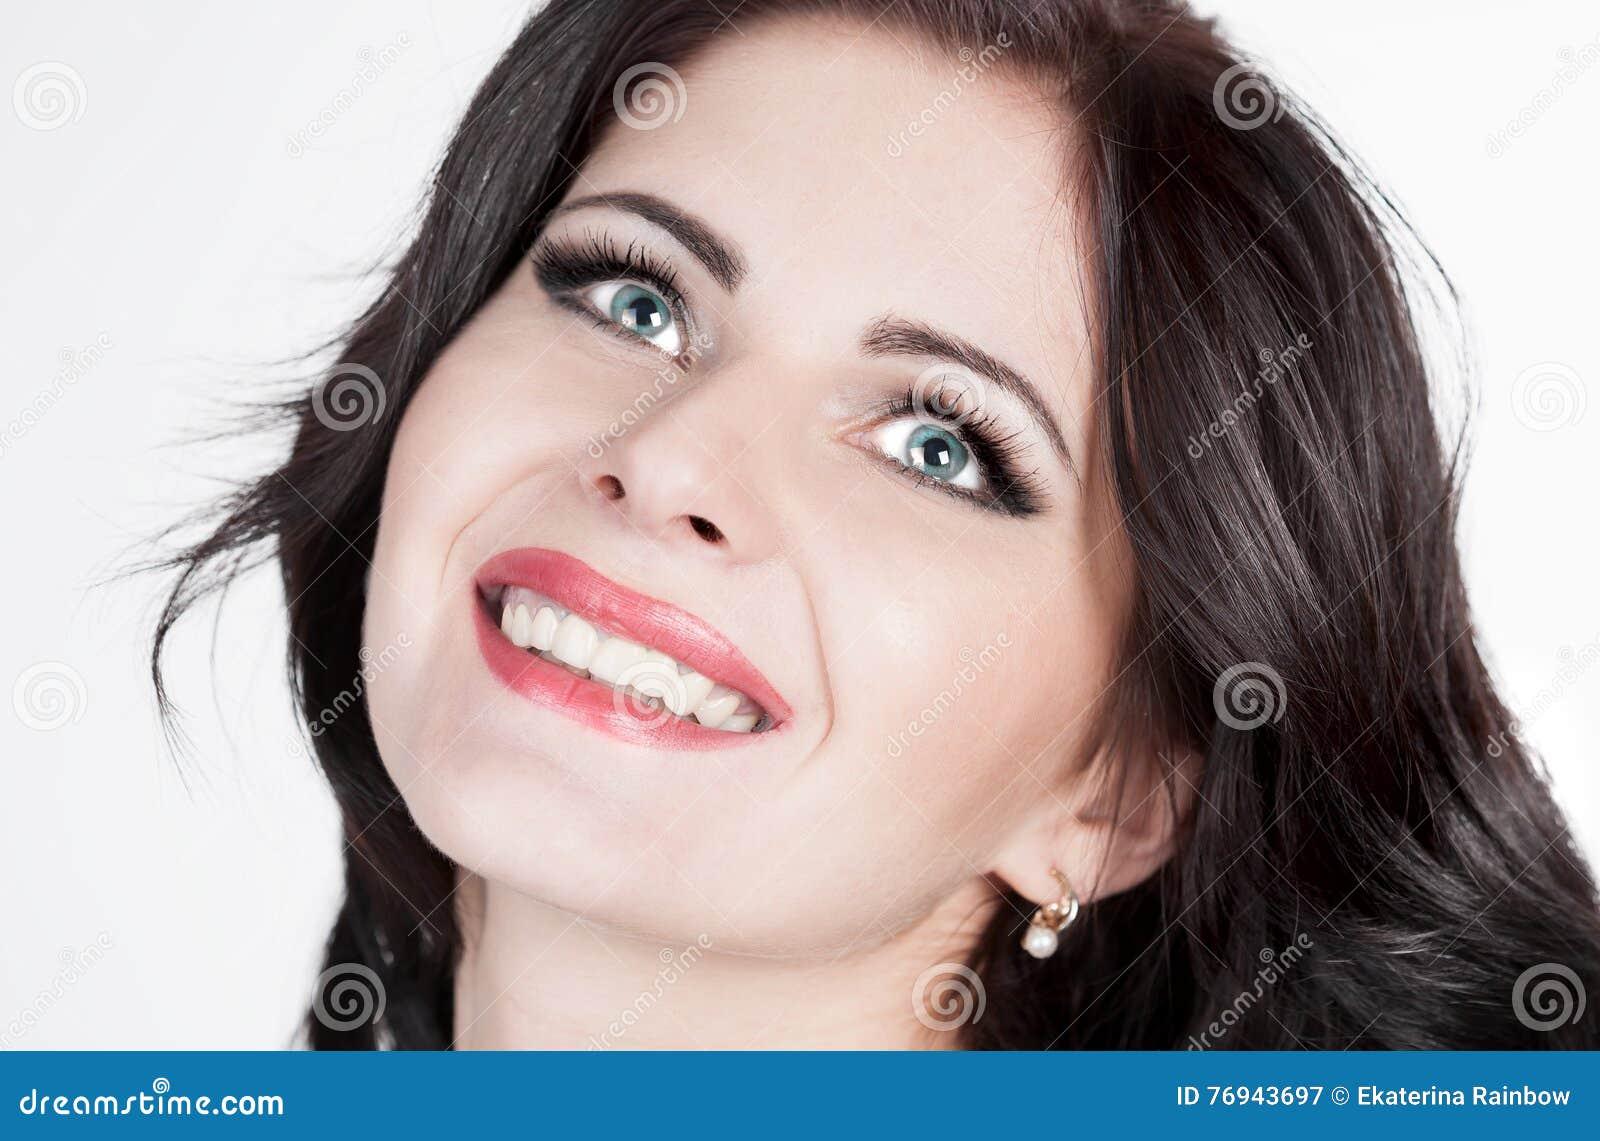 Khvitia_Julia Fronte, occhi azzurri, sorridendo, fondo bianco!